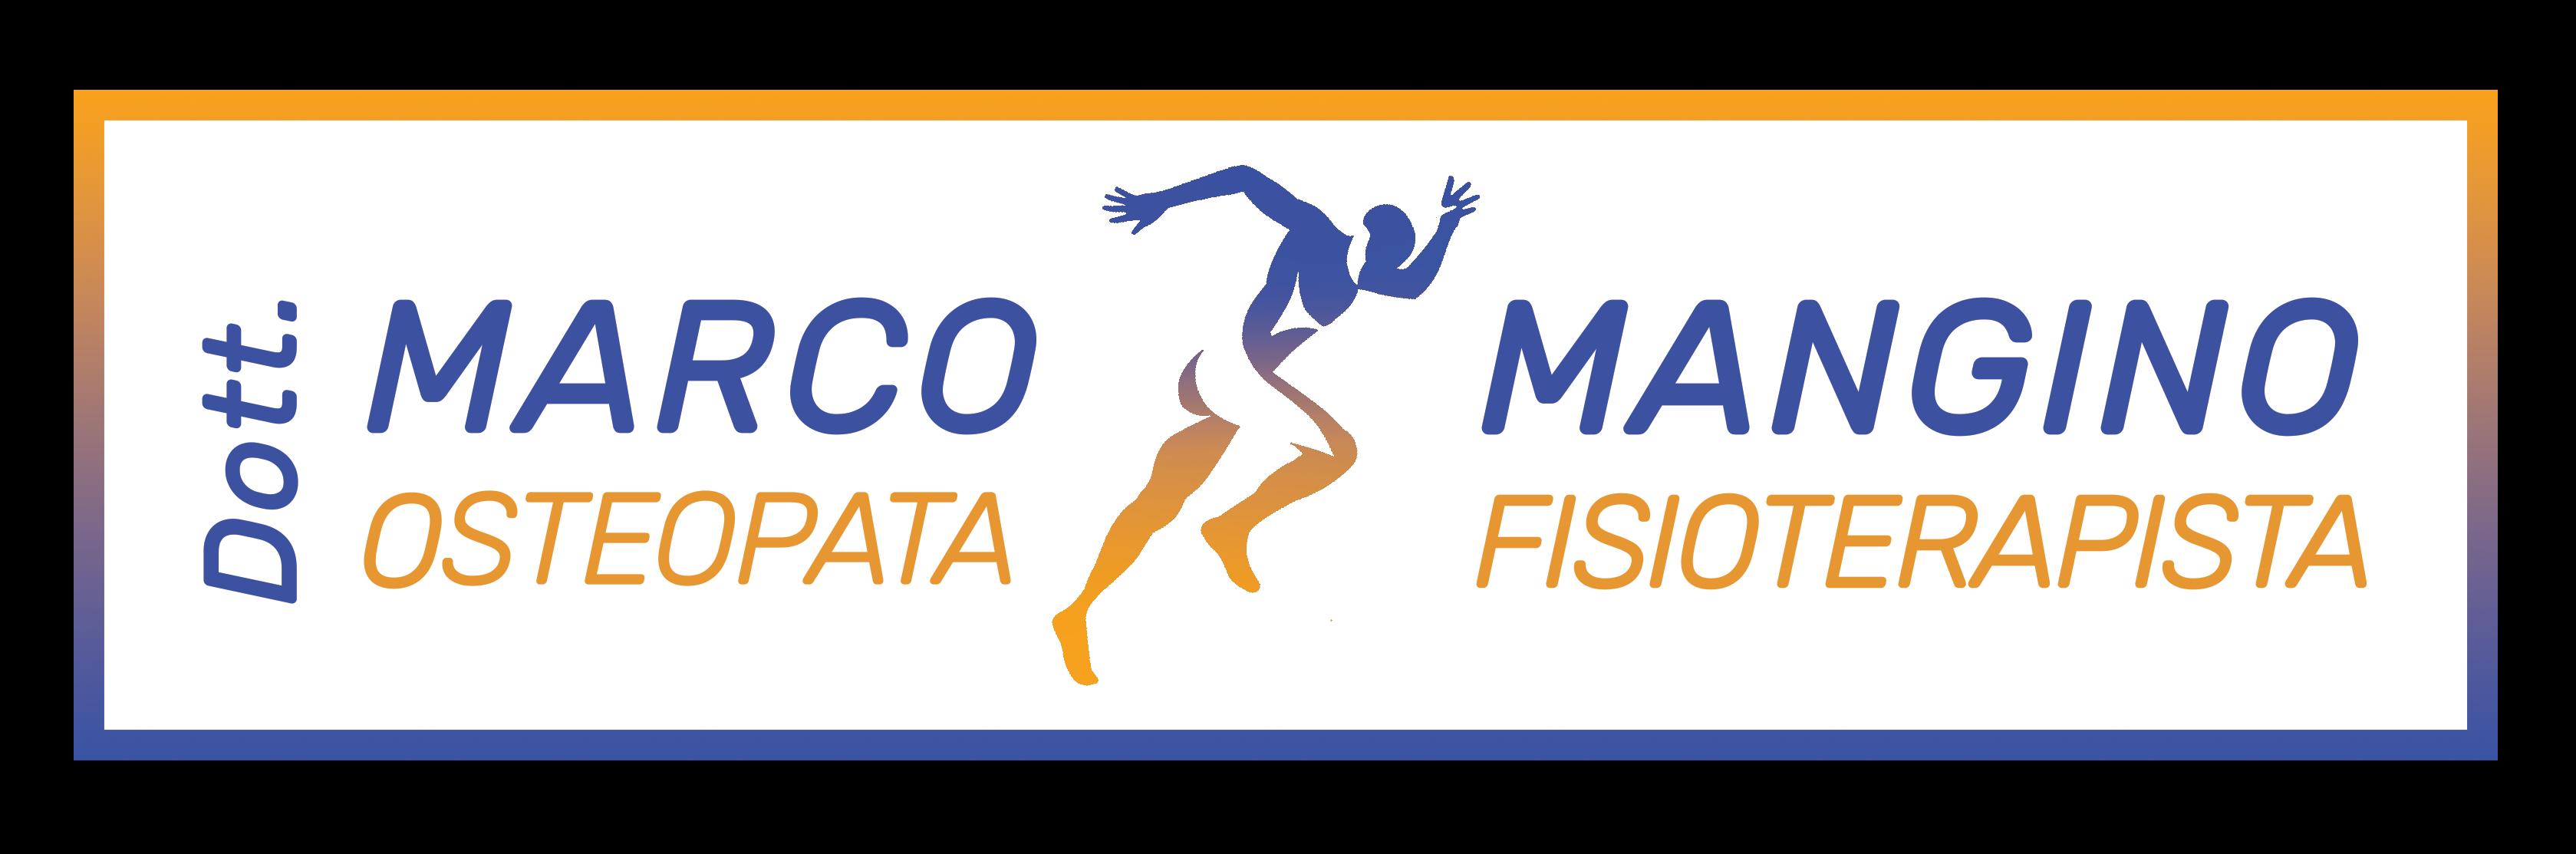 Marco Mangino